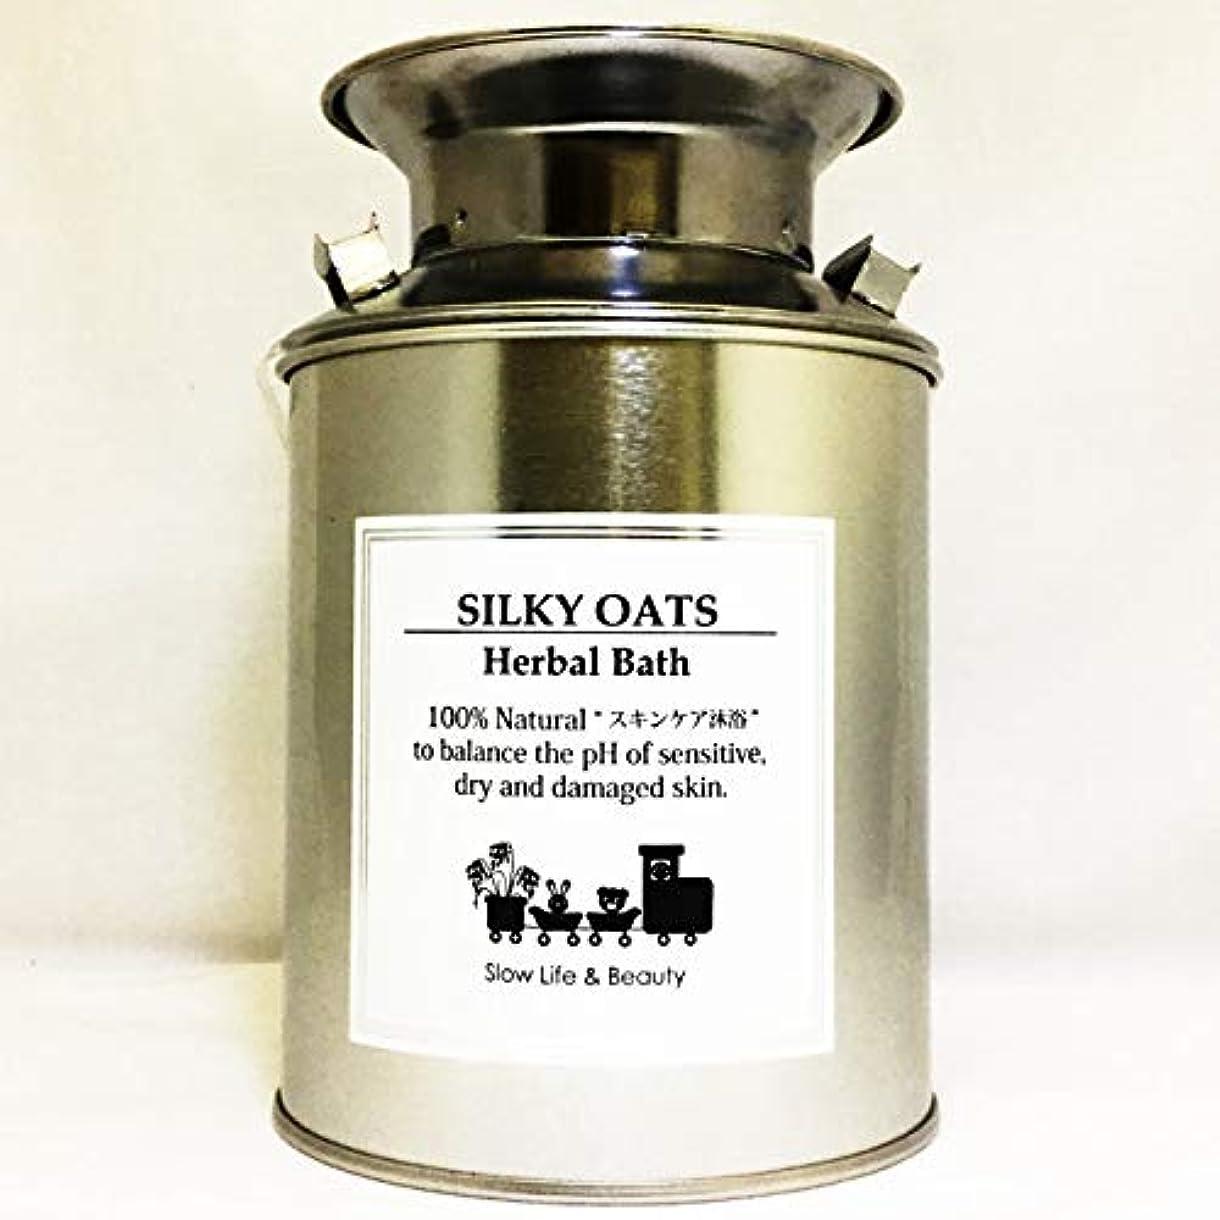 むき出し大佐仲間シーラン SEARUN SILKY OATS Herbal Bath(ハーバルバス)10g×20袋